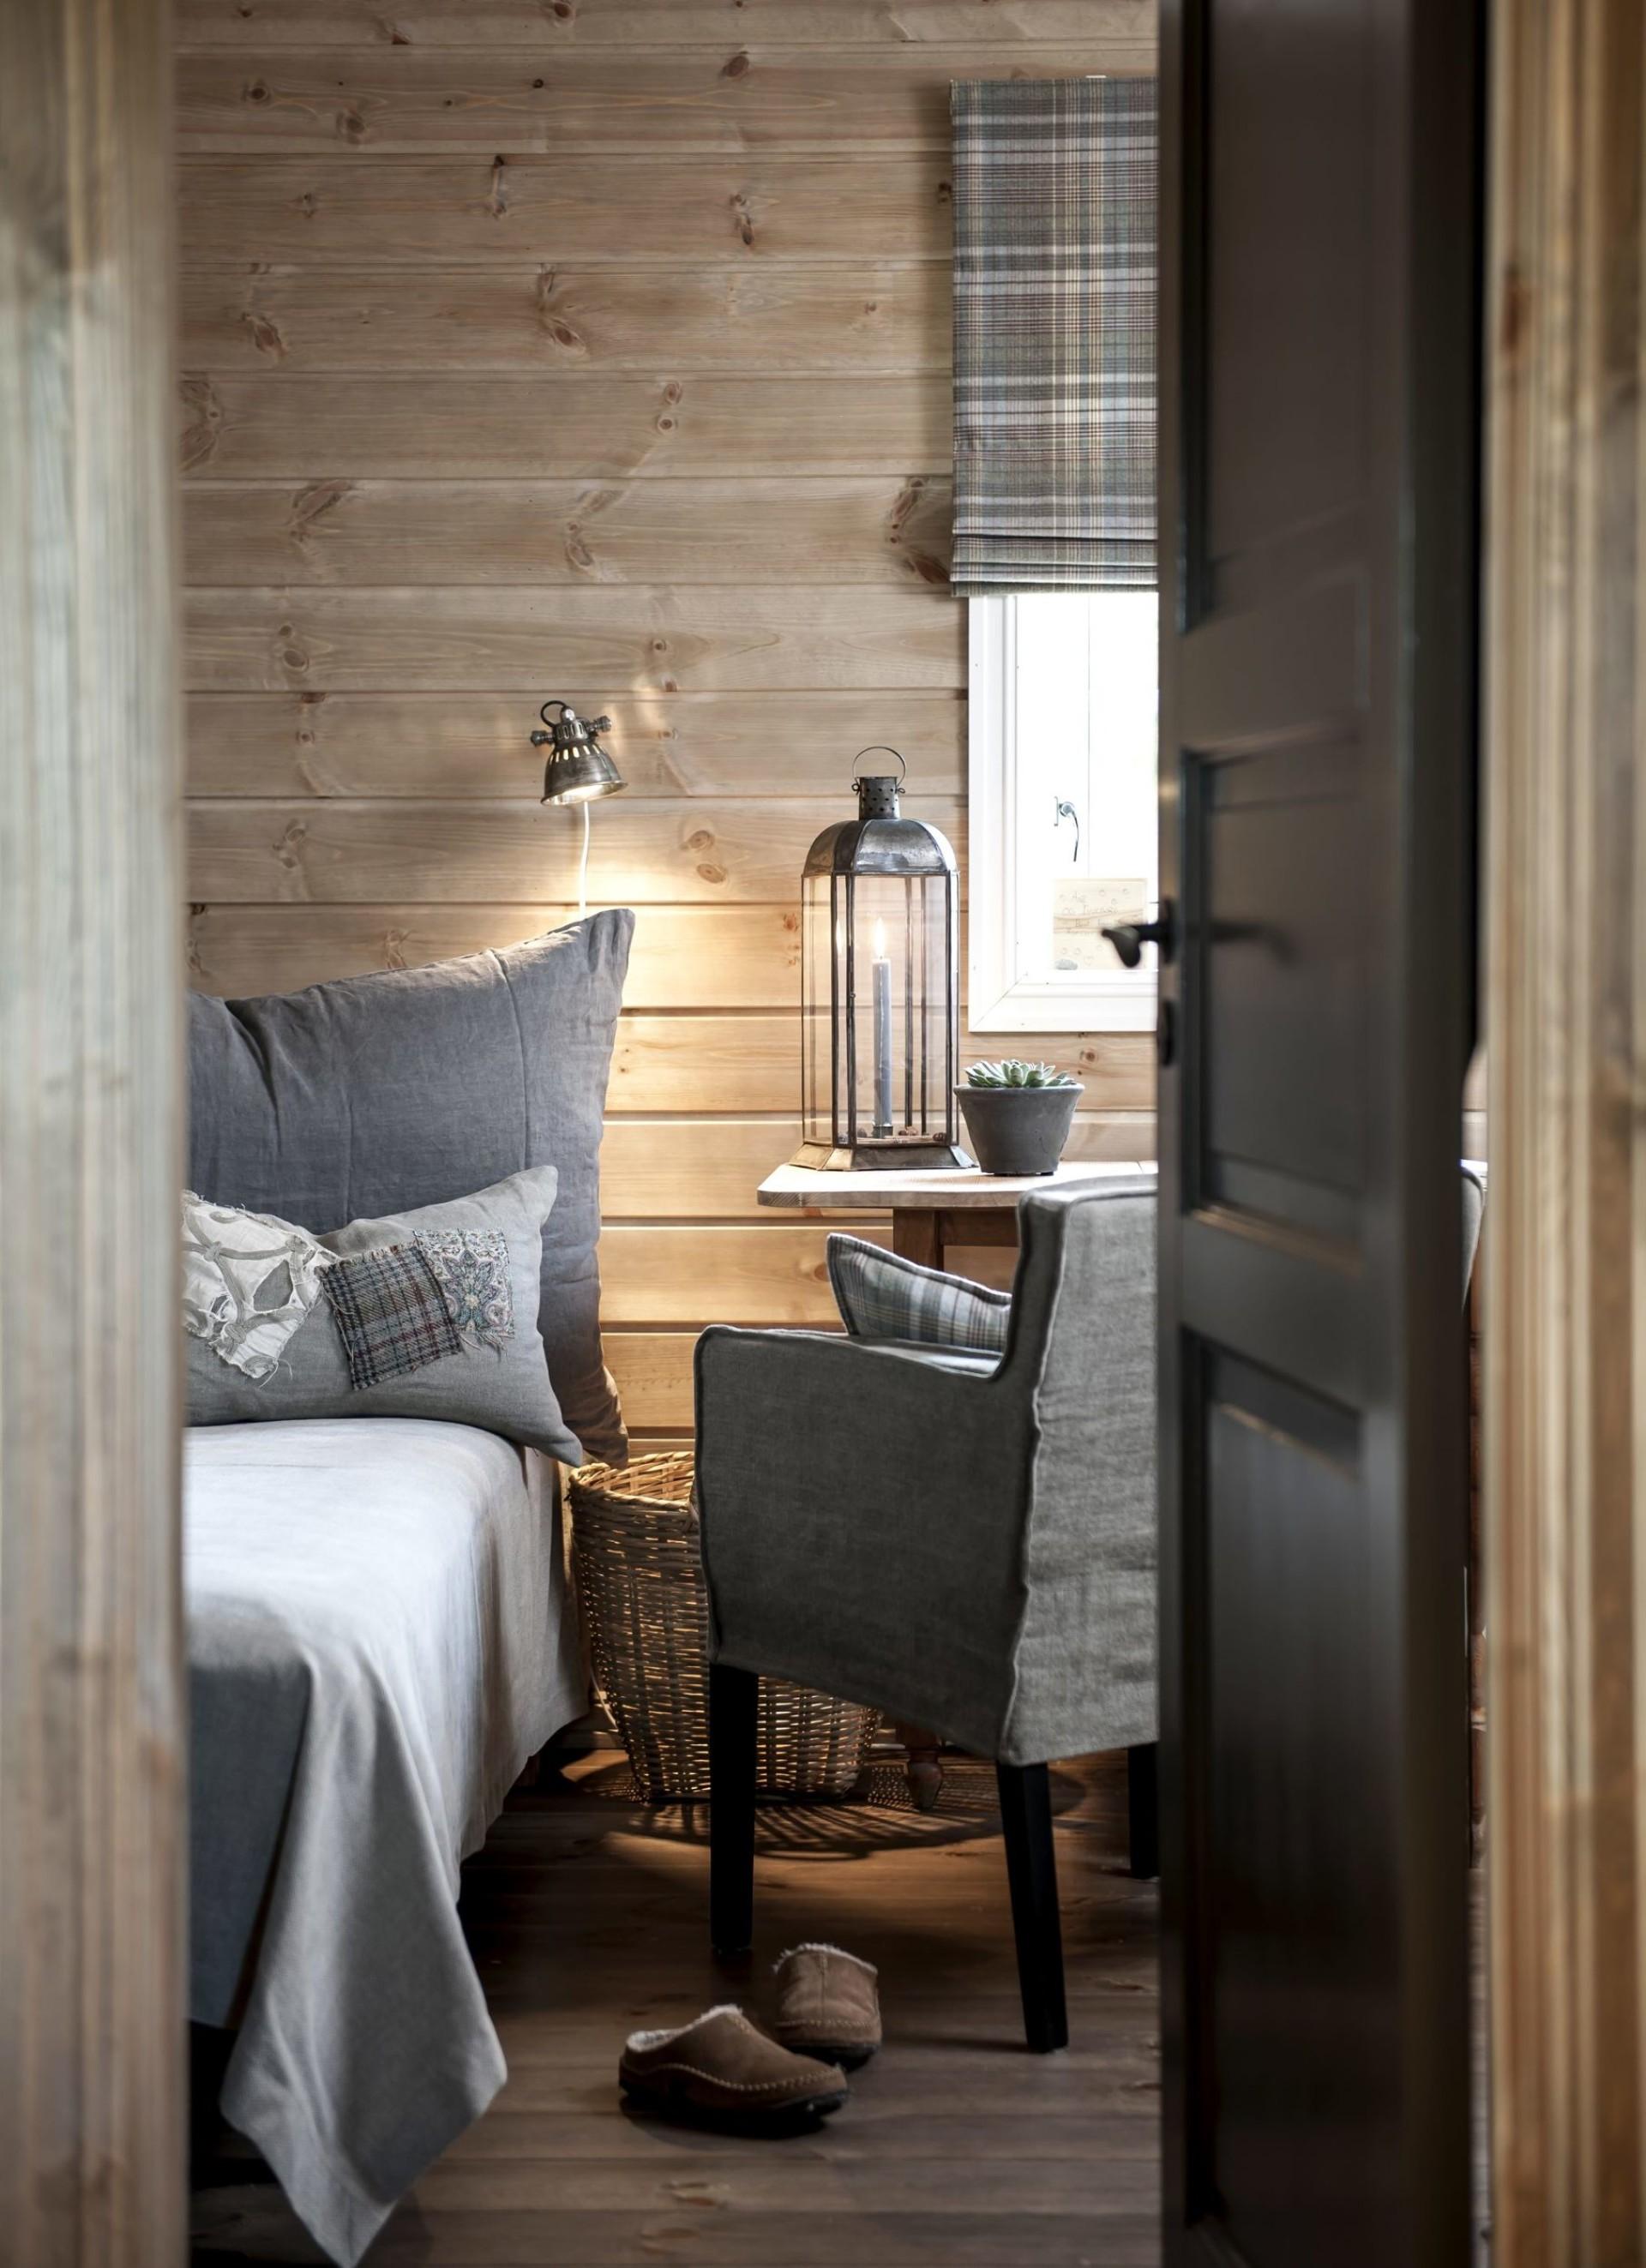 спальня кровать окно кресло